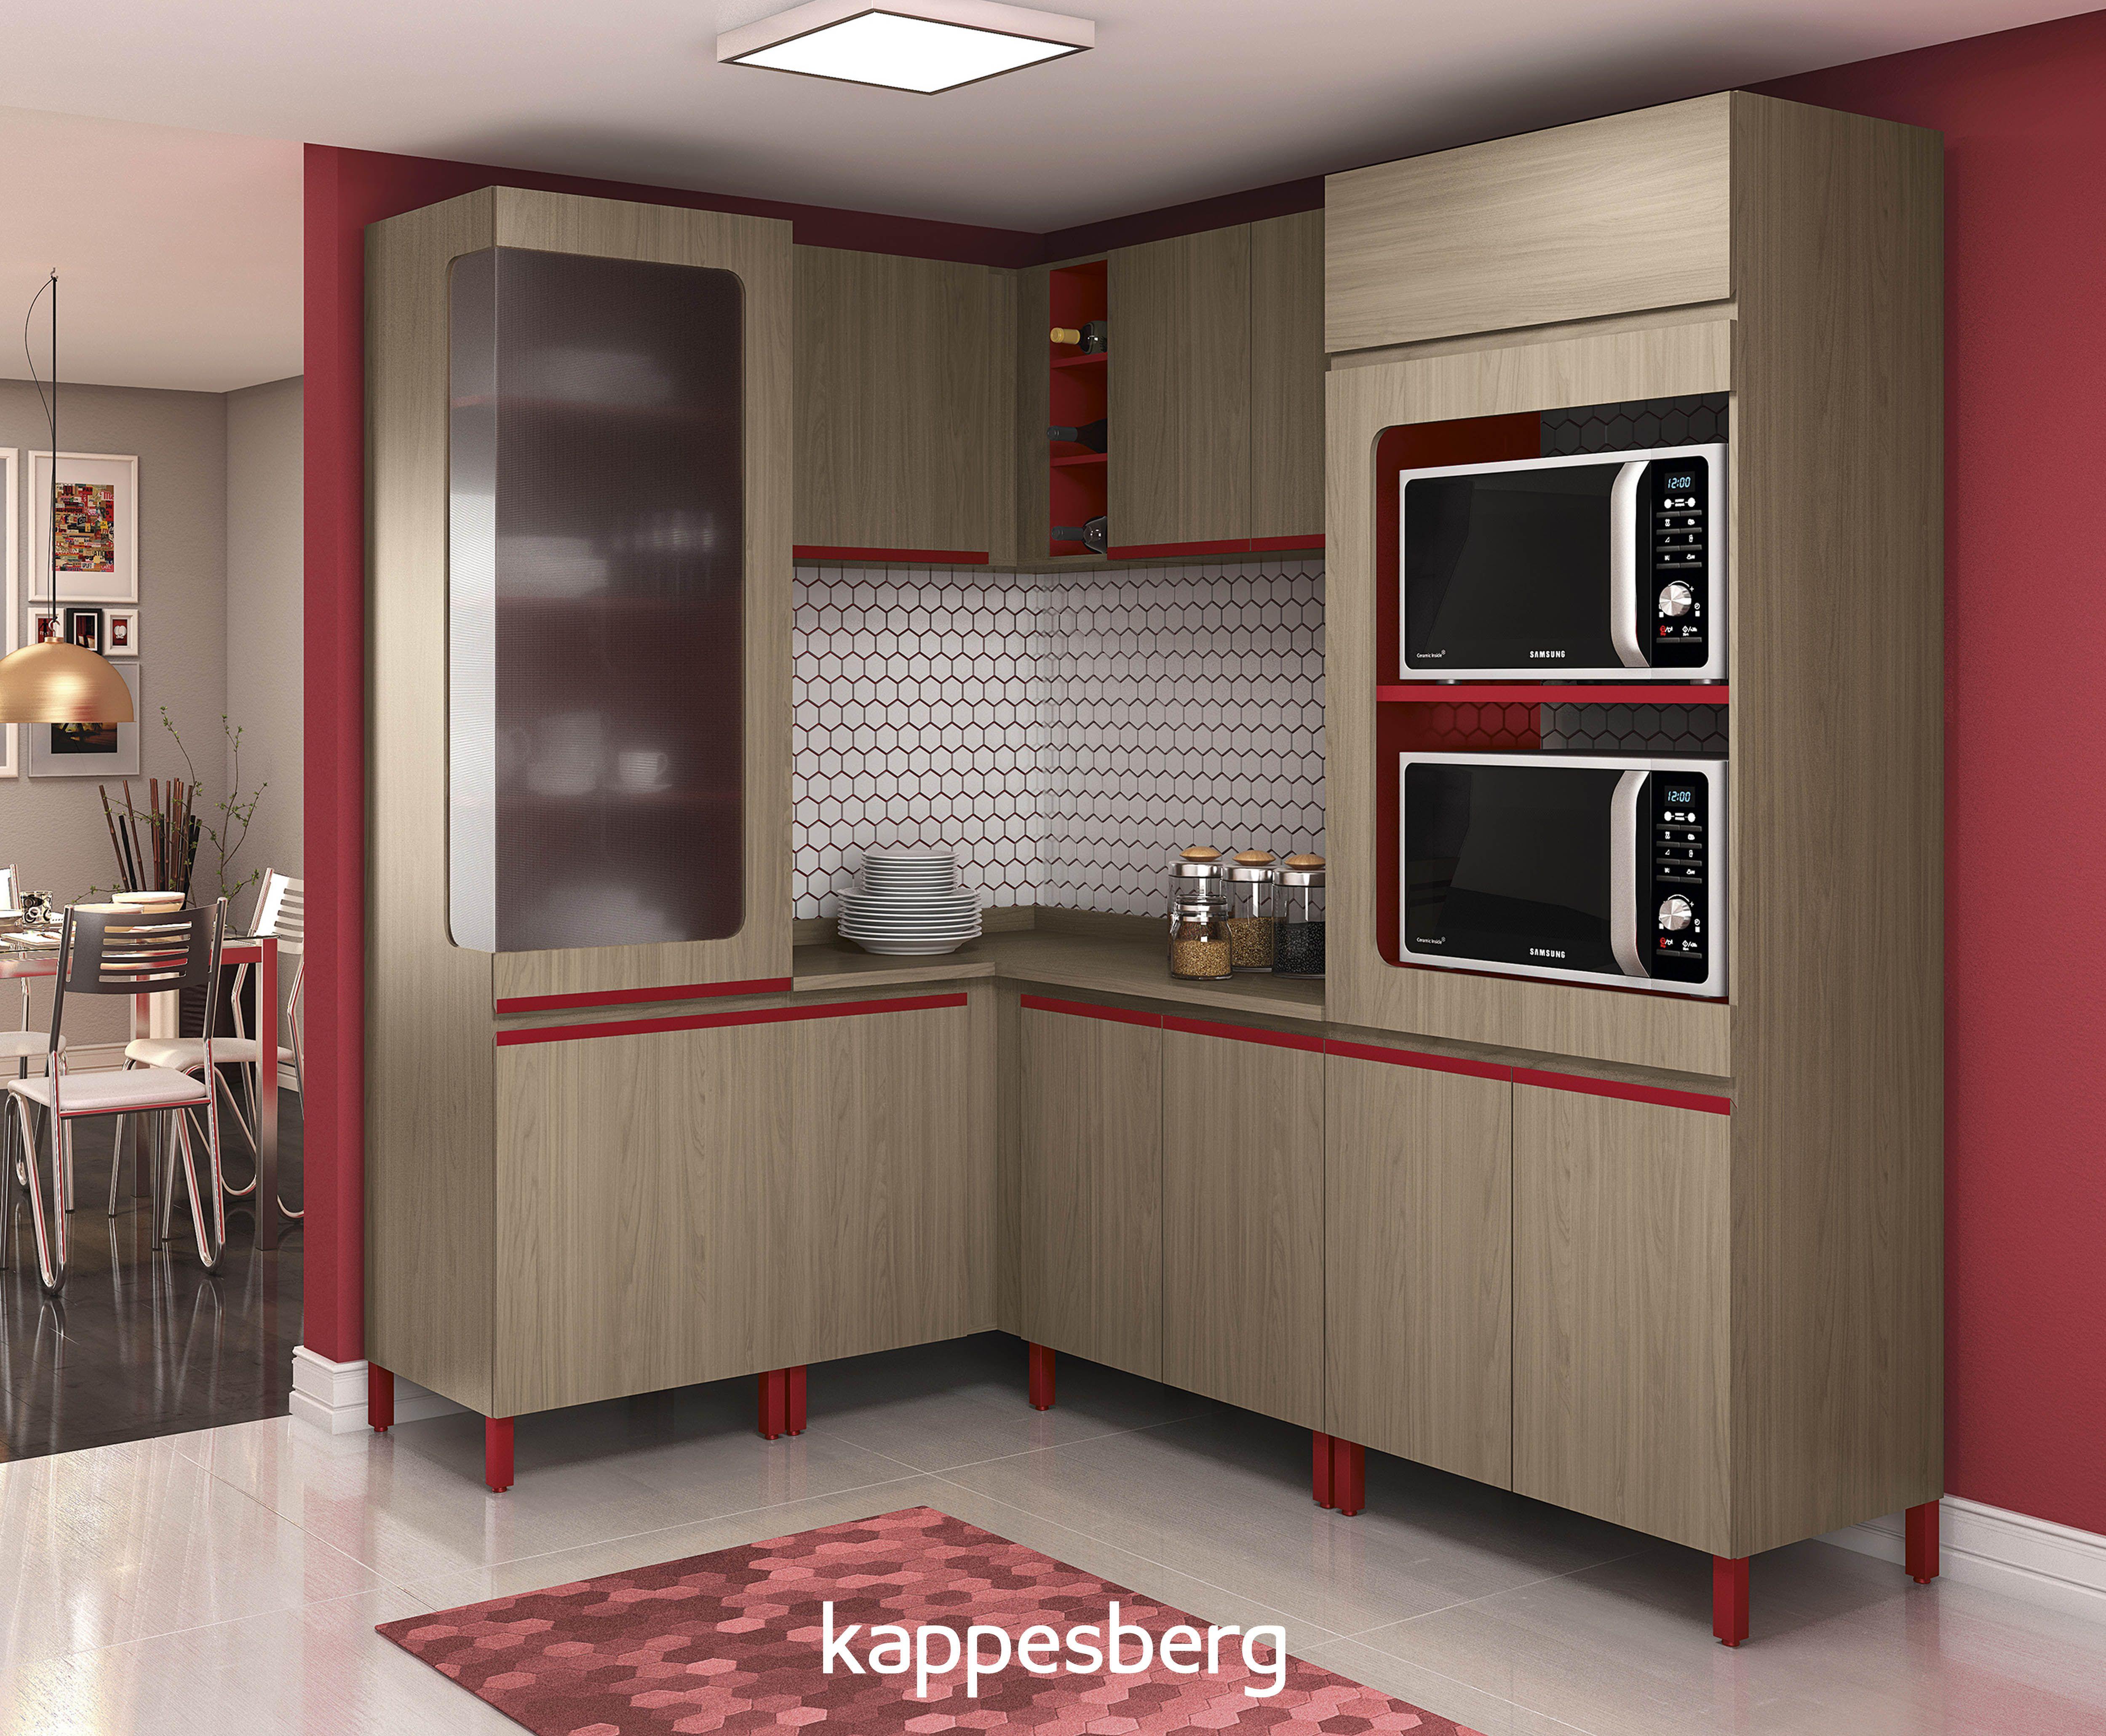 Deixe Sua Cozinha Mais Colorida Com A New Urban Da Kappesberg